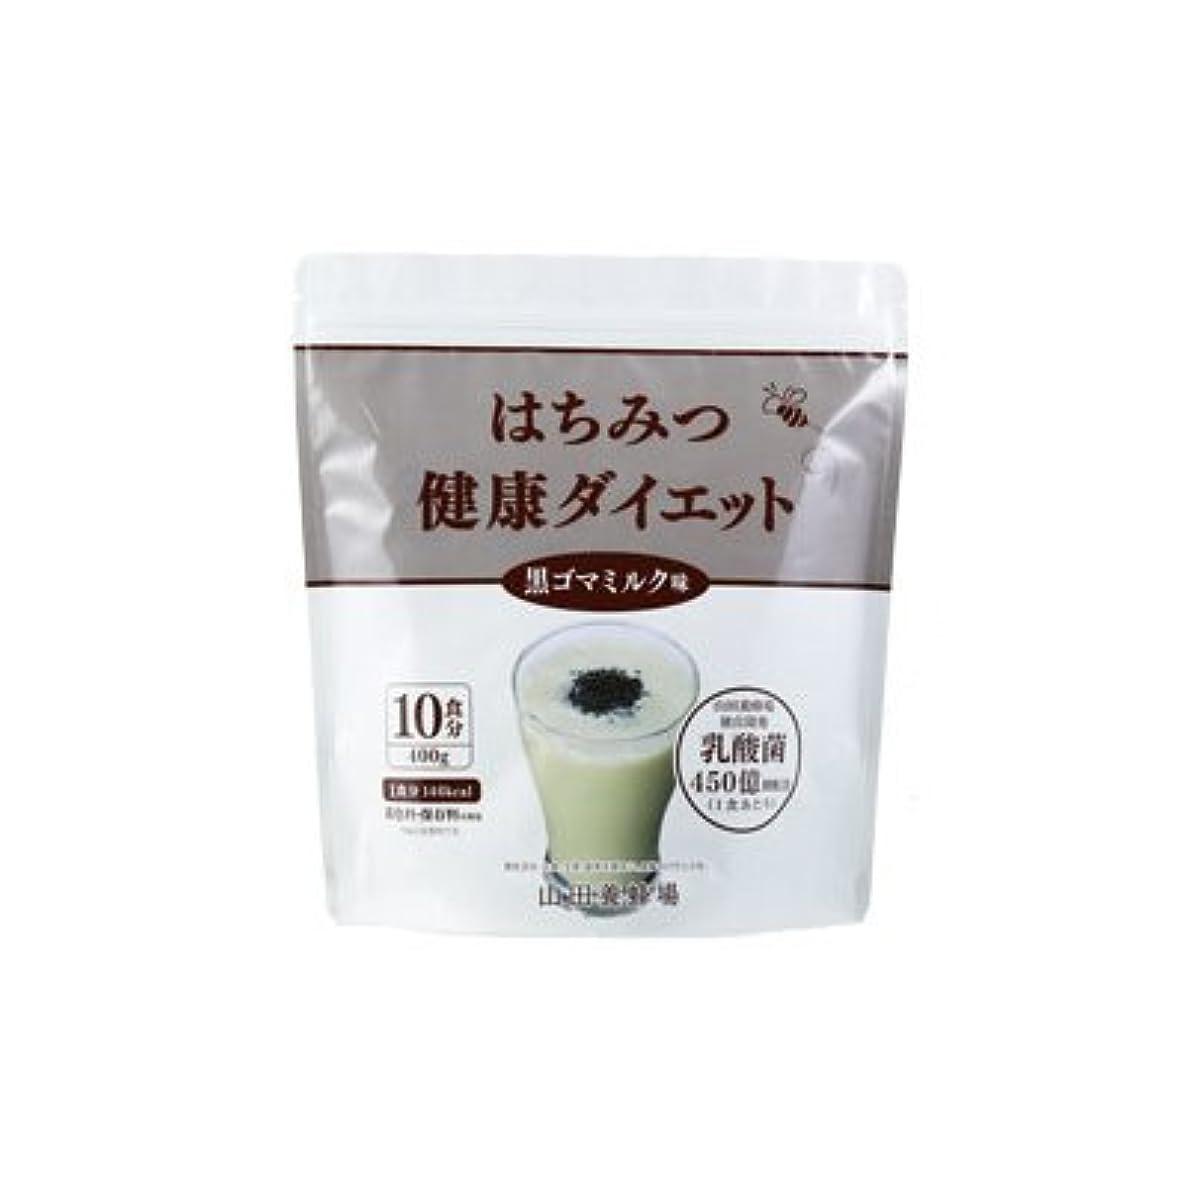 連帯驚汚物はちみつ健康ダイエット 【黒ごまミルク味】400g(10食分)